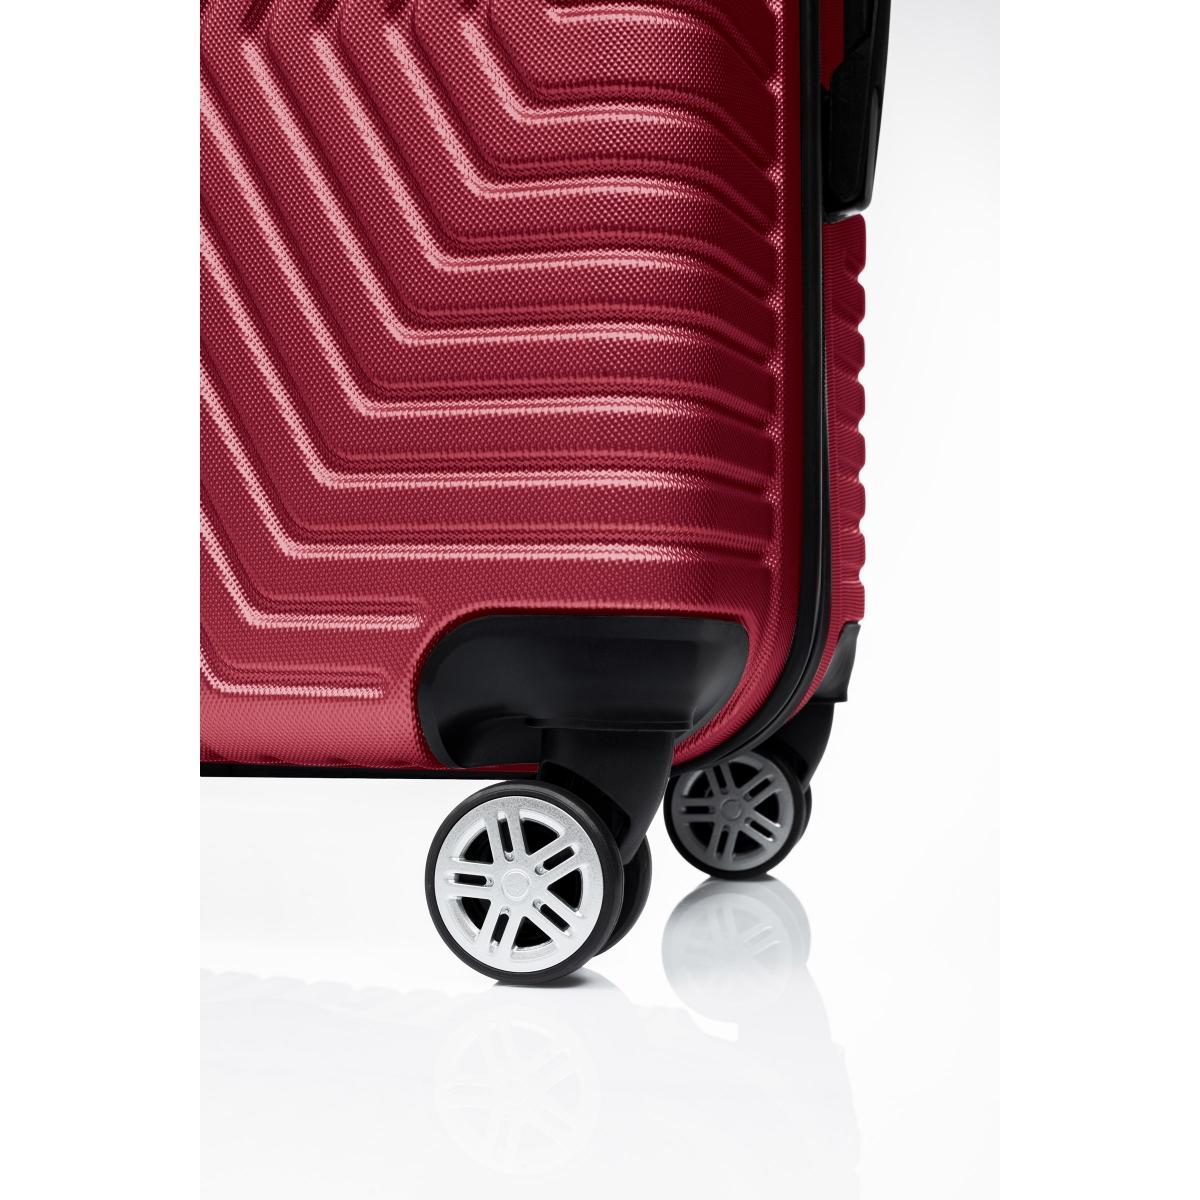 G&D Polo Suitcase ABS 3'lü Lüx Valiz Seyahat Seti - Model:600.13 Bordo